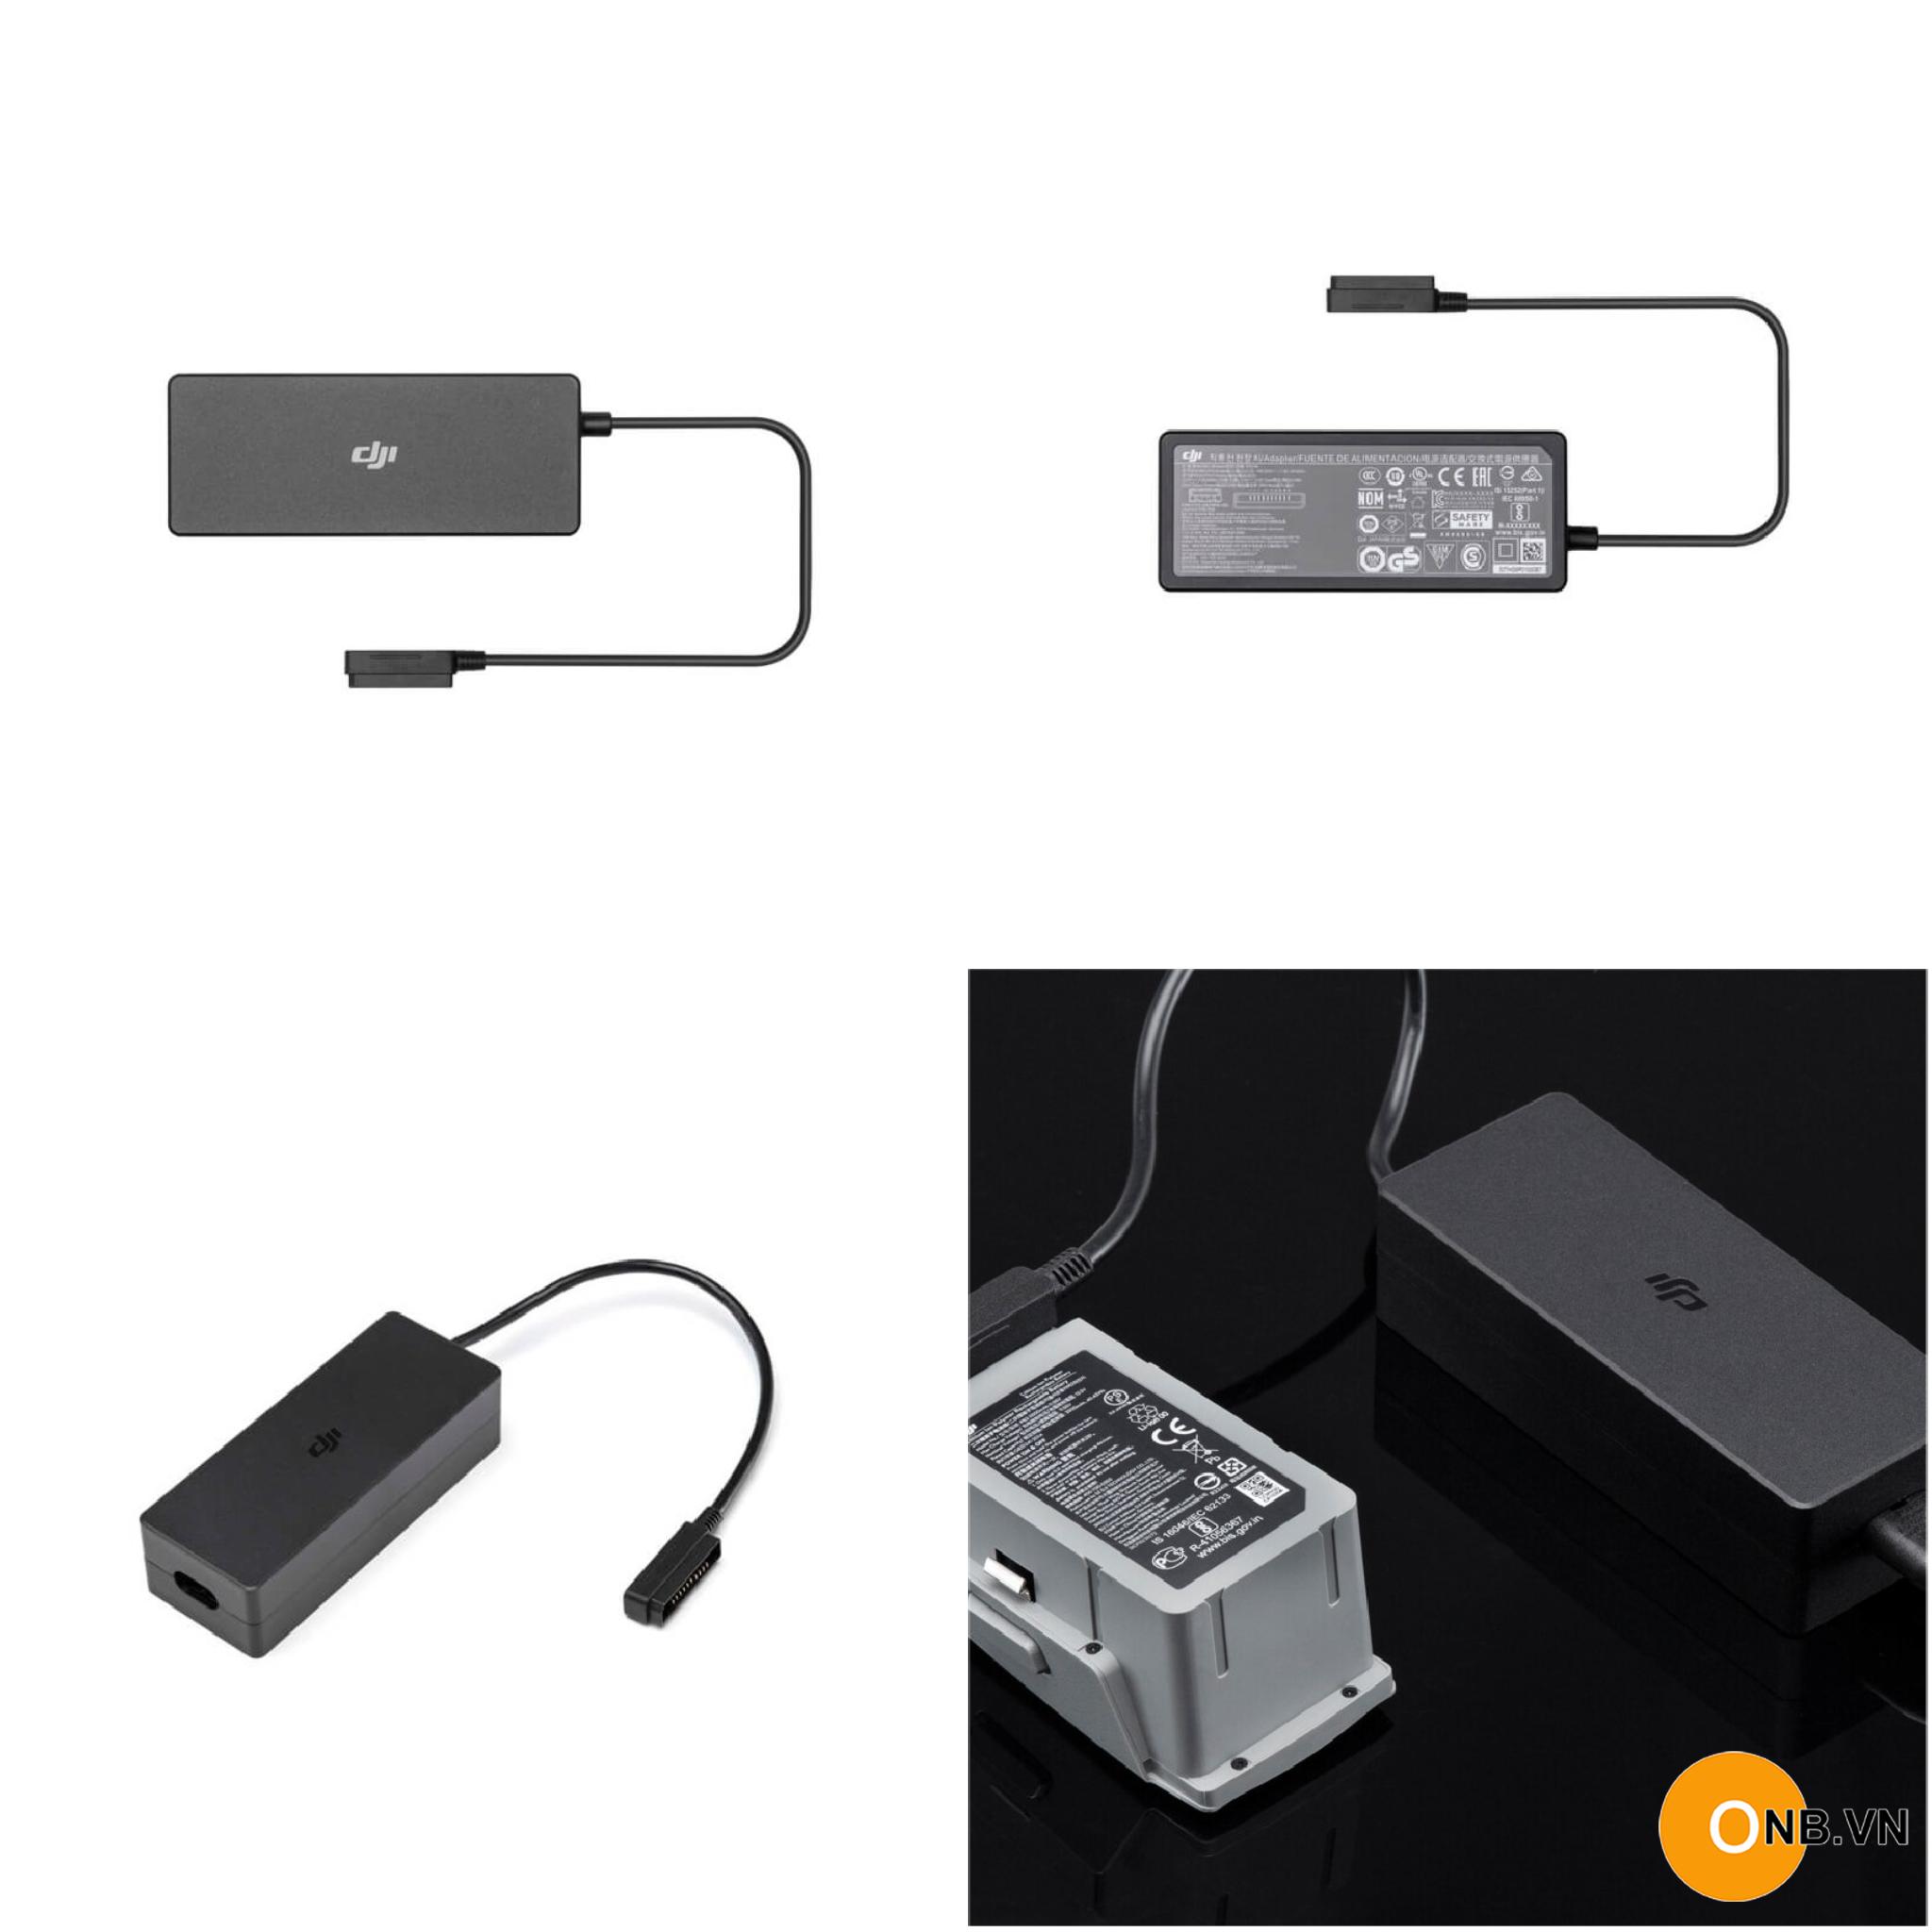 Mavic Air 2 Battery Charger - Adapter sạc pin Mavic Air 2